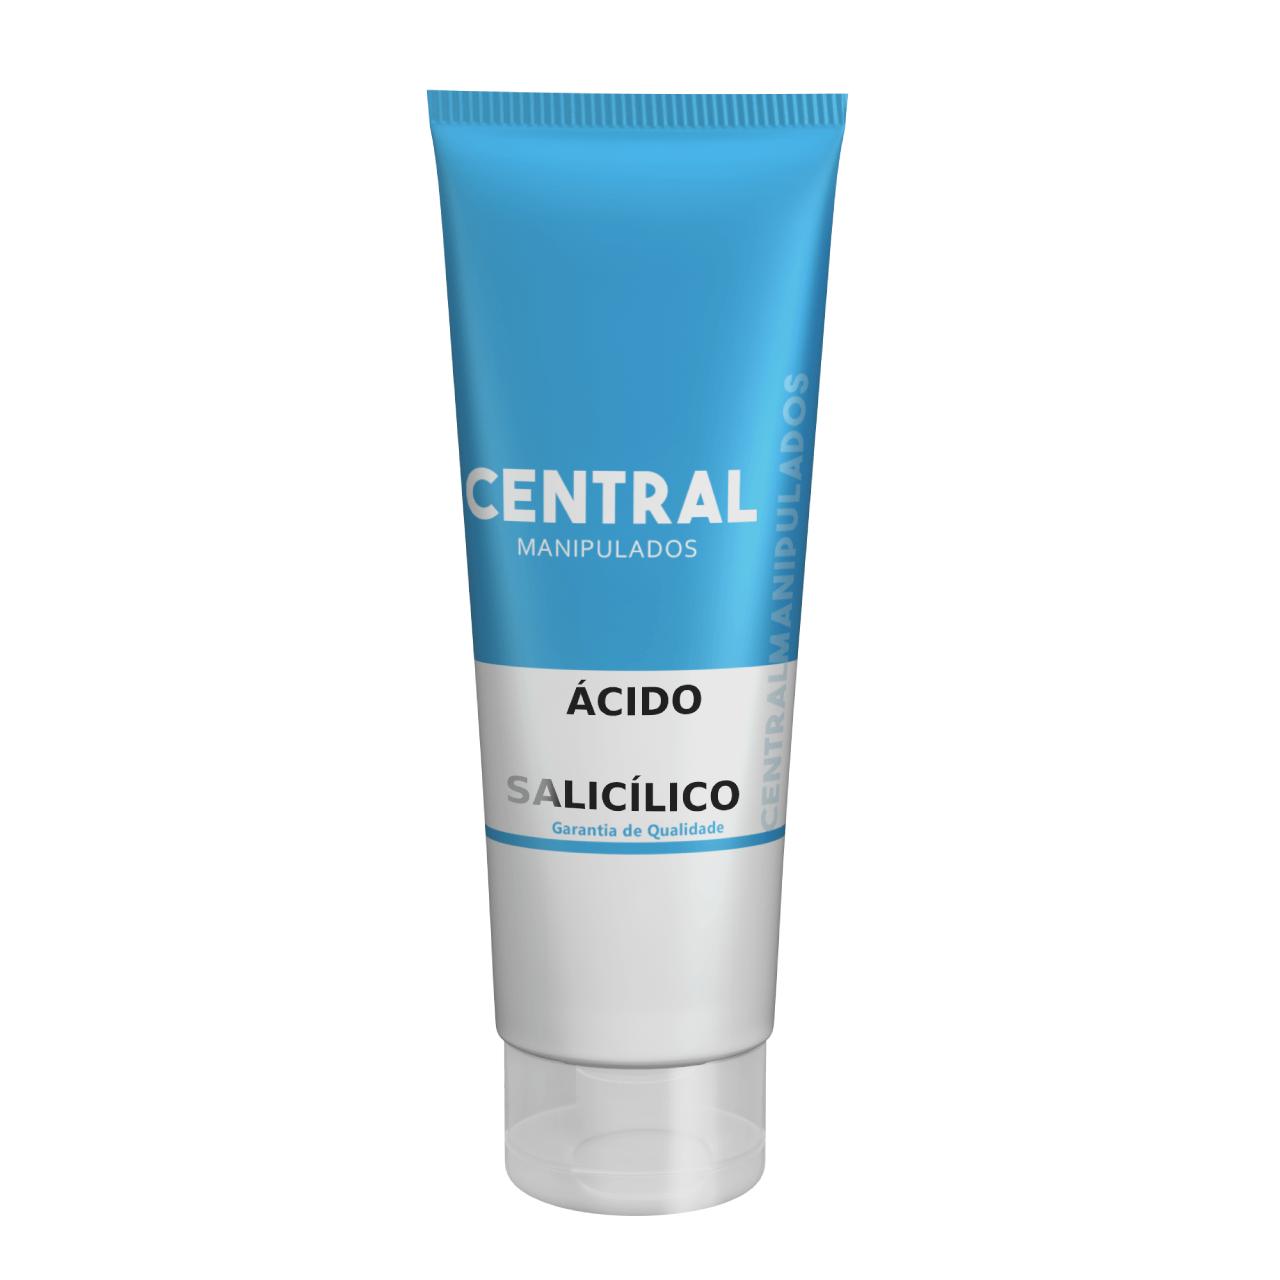 Ácido salicílico 3% com Uréia 10%  - Creme 60g - Renovação para a pele, previne rugas, espinhas, controla oleosidade